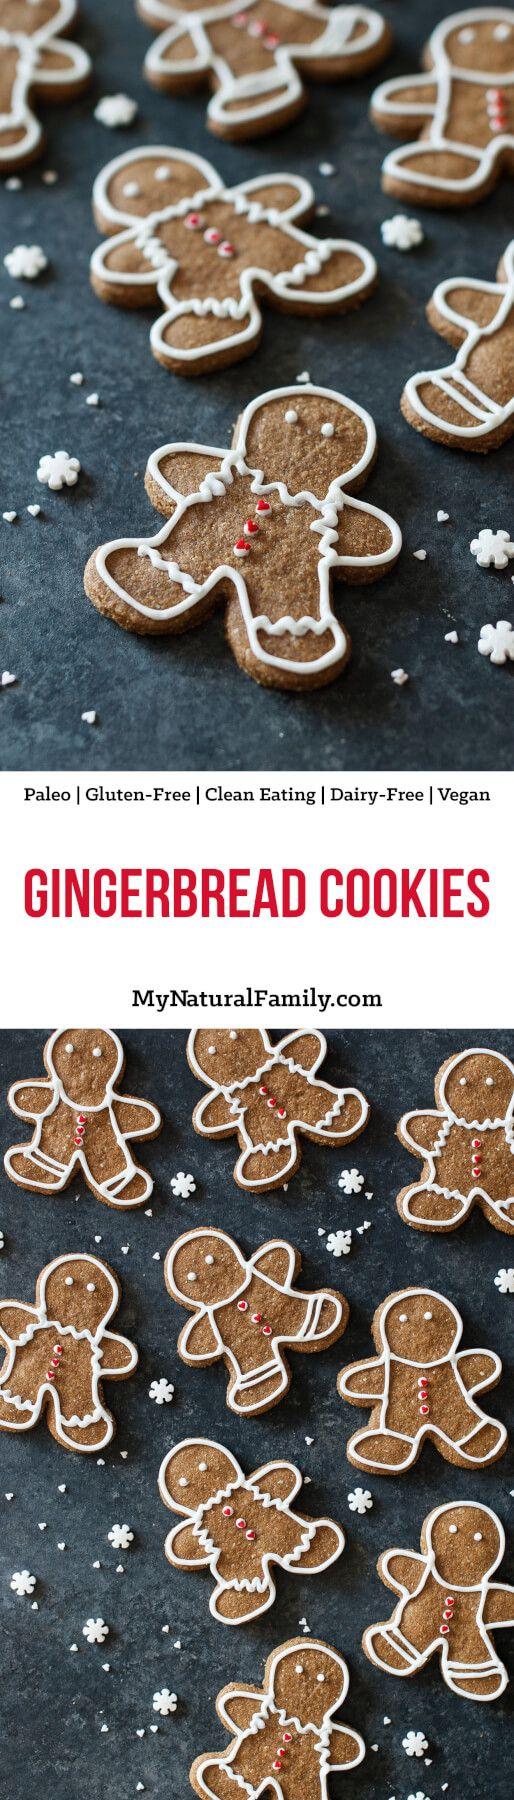 Paleo Gingerbread Cookies Recipe {Paleo, Gluten Free, Clean Eating, Dairy Free, Vegan}